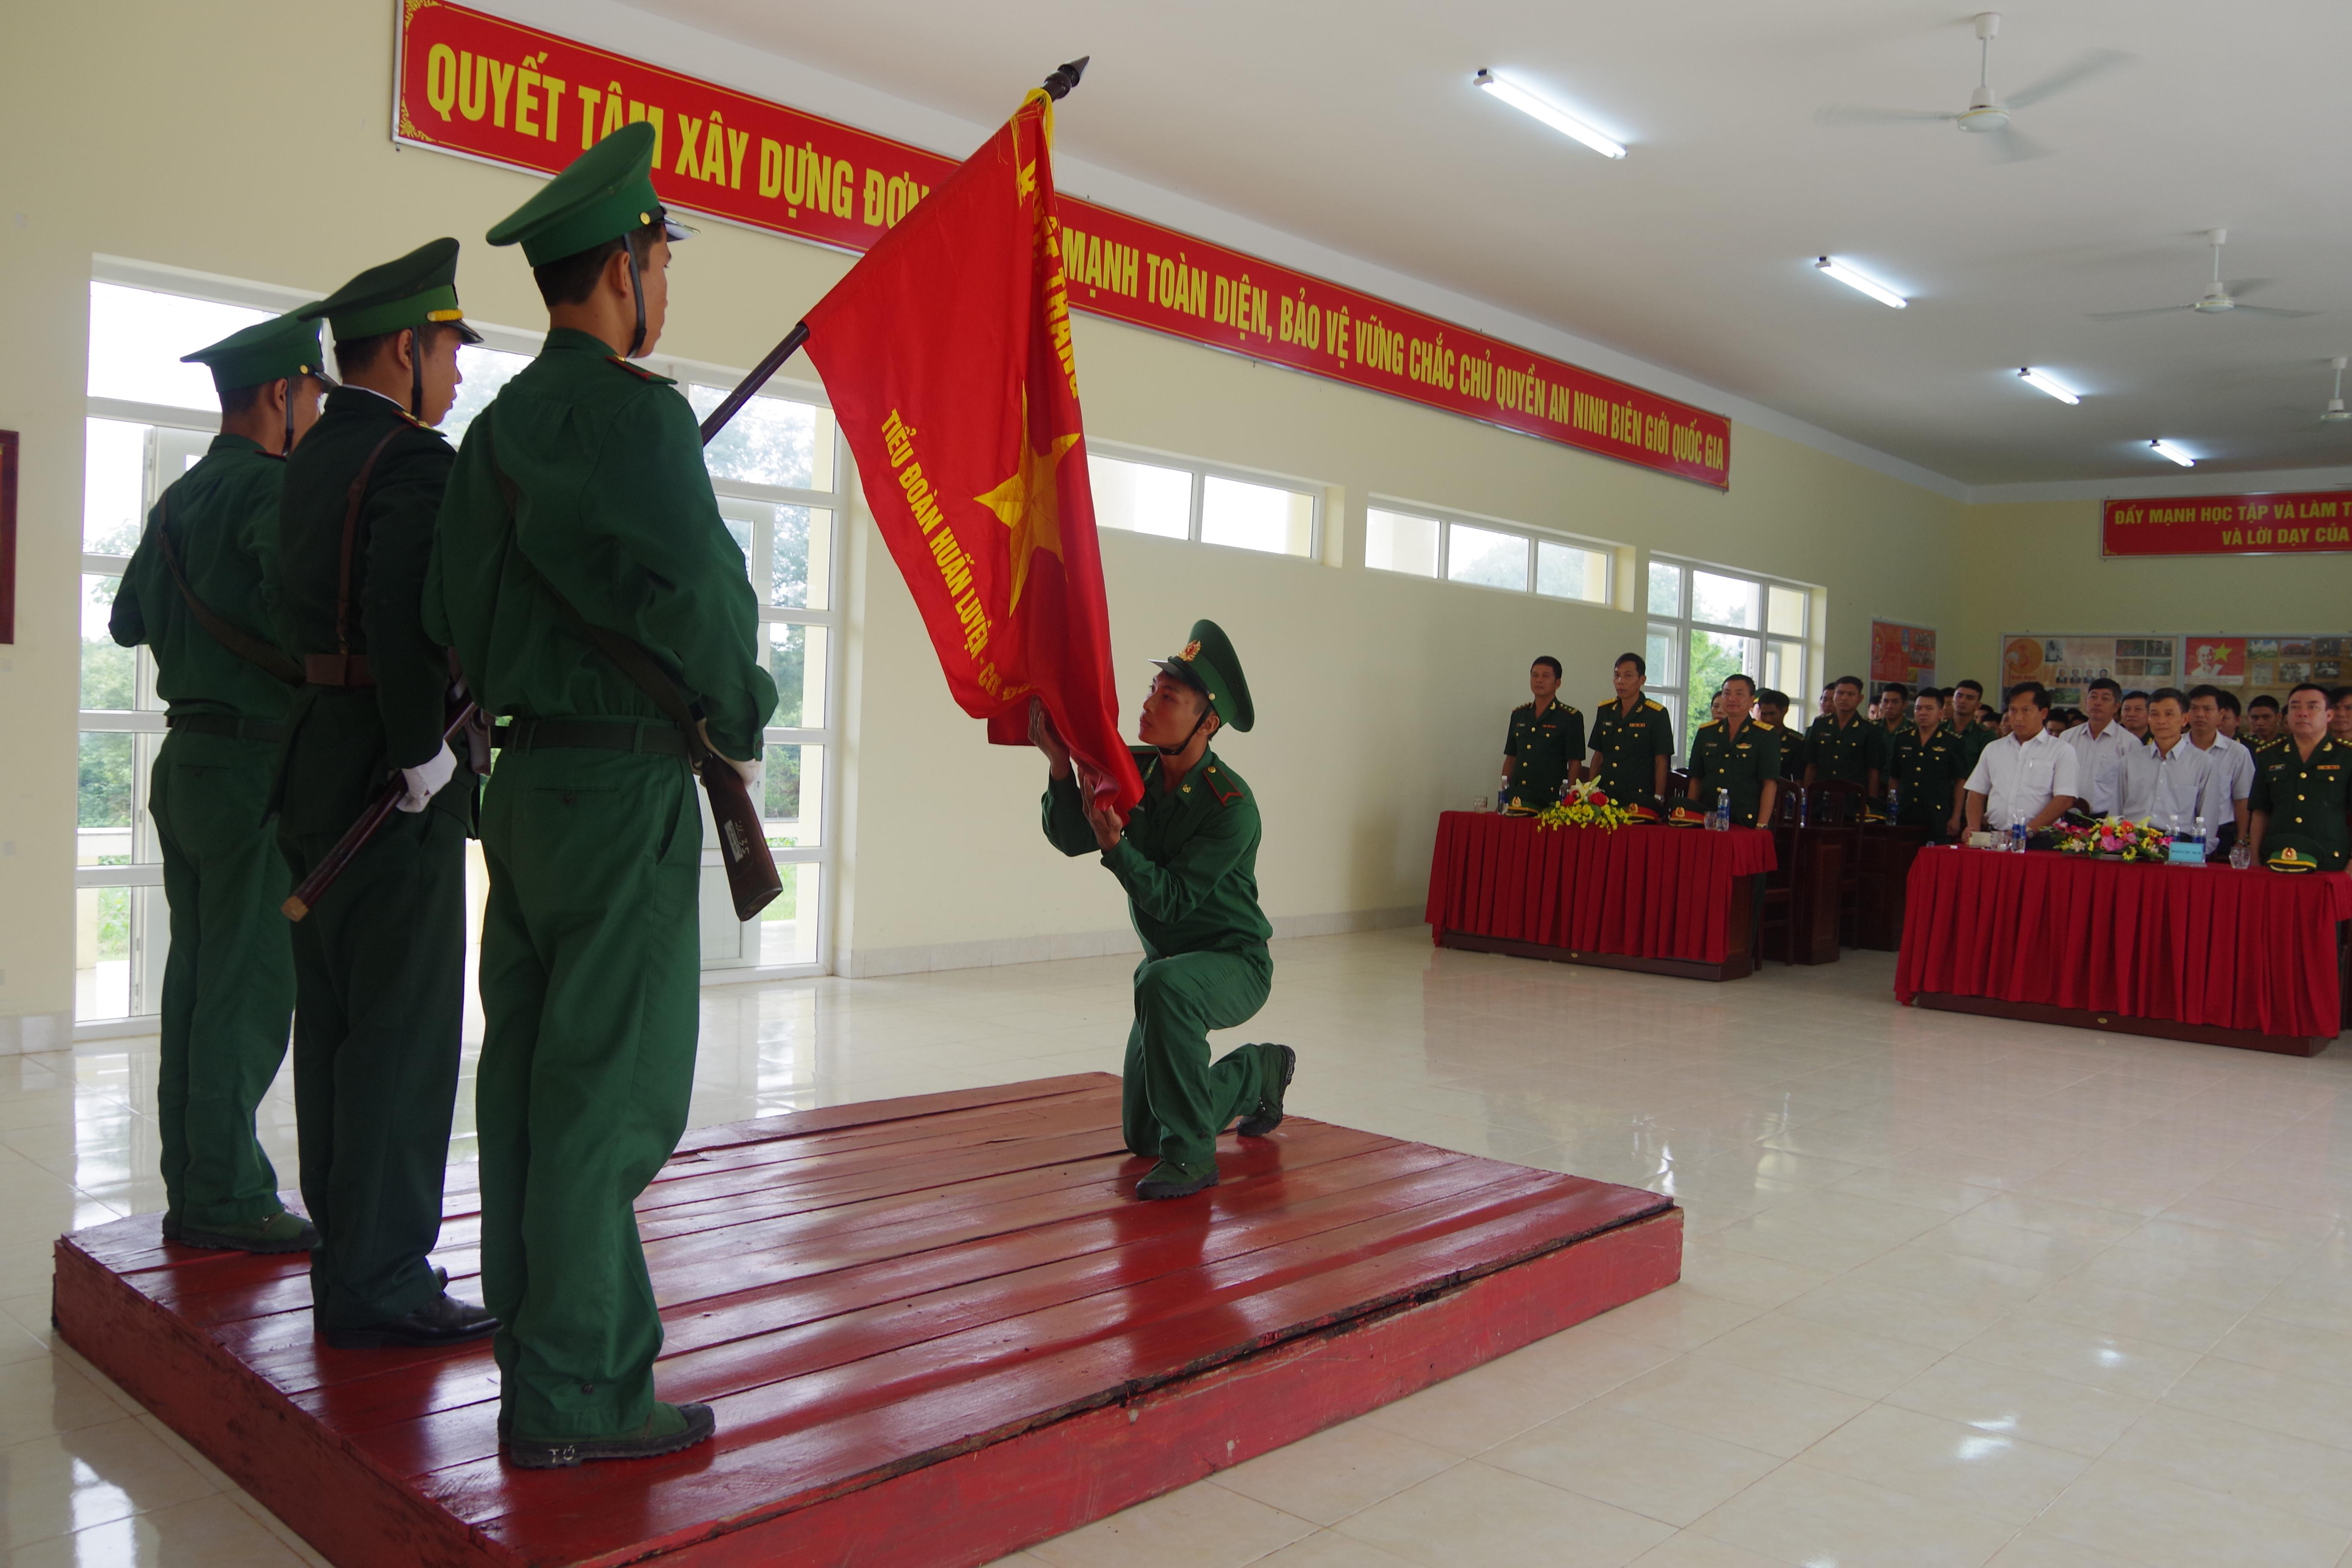 Bộ Chỉ huy BĐBP tỉnh Đắk Lắk: Tuyên thệ chiến sĩ mới năm 2018